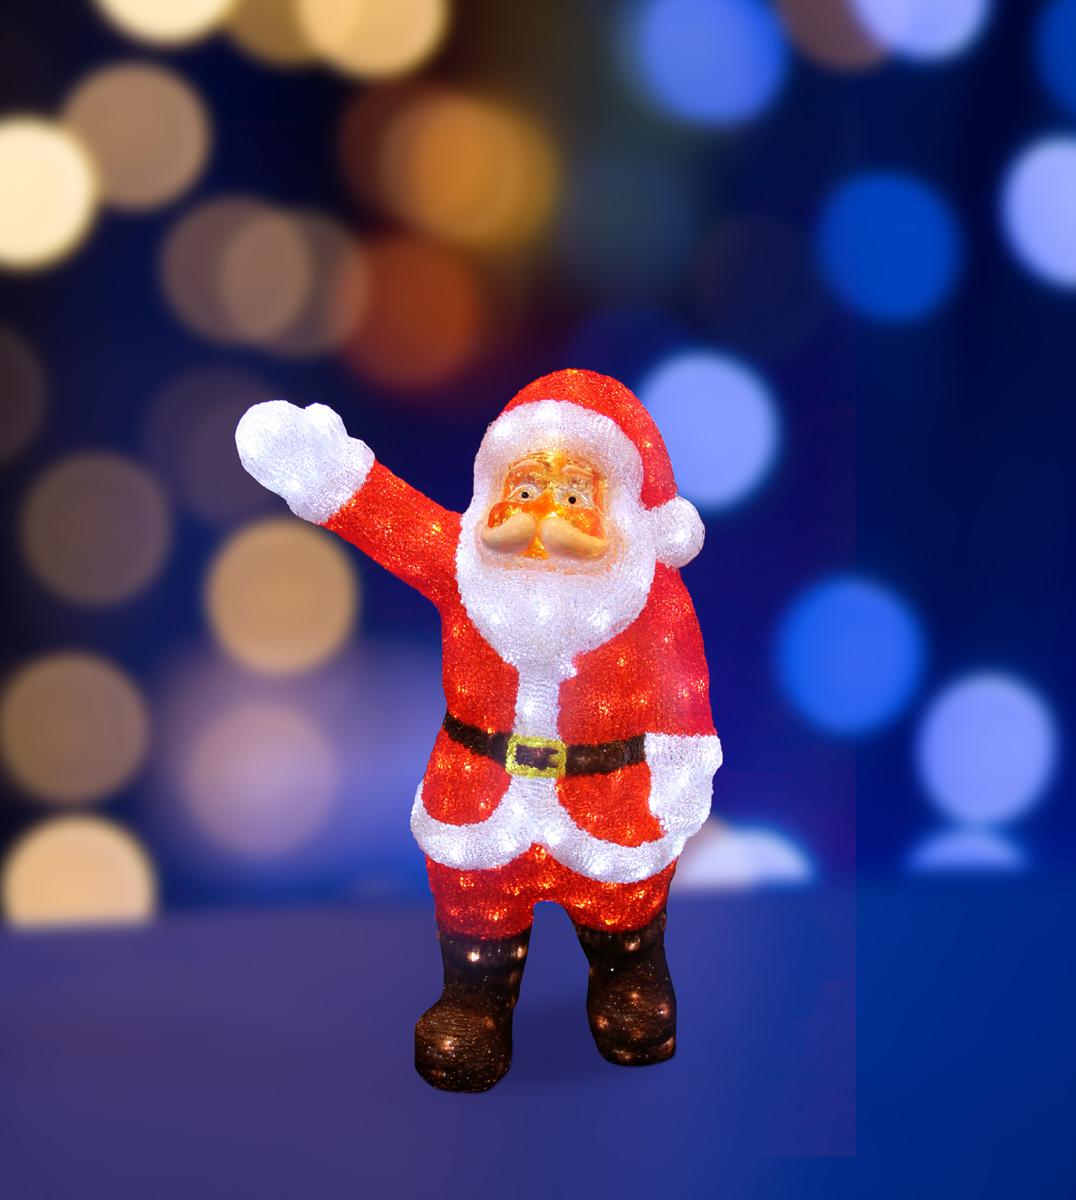 Фигура акриловая светодиодная Neon-Night Санта Клаус приветствует, 200 LED, с понижающим трансформатором, 60 см гирлянда neon night акриловая светодиодная фигура санта клаус приветствует 60см 200 led 513 272